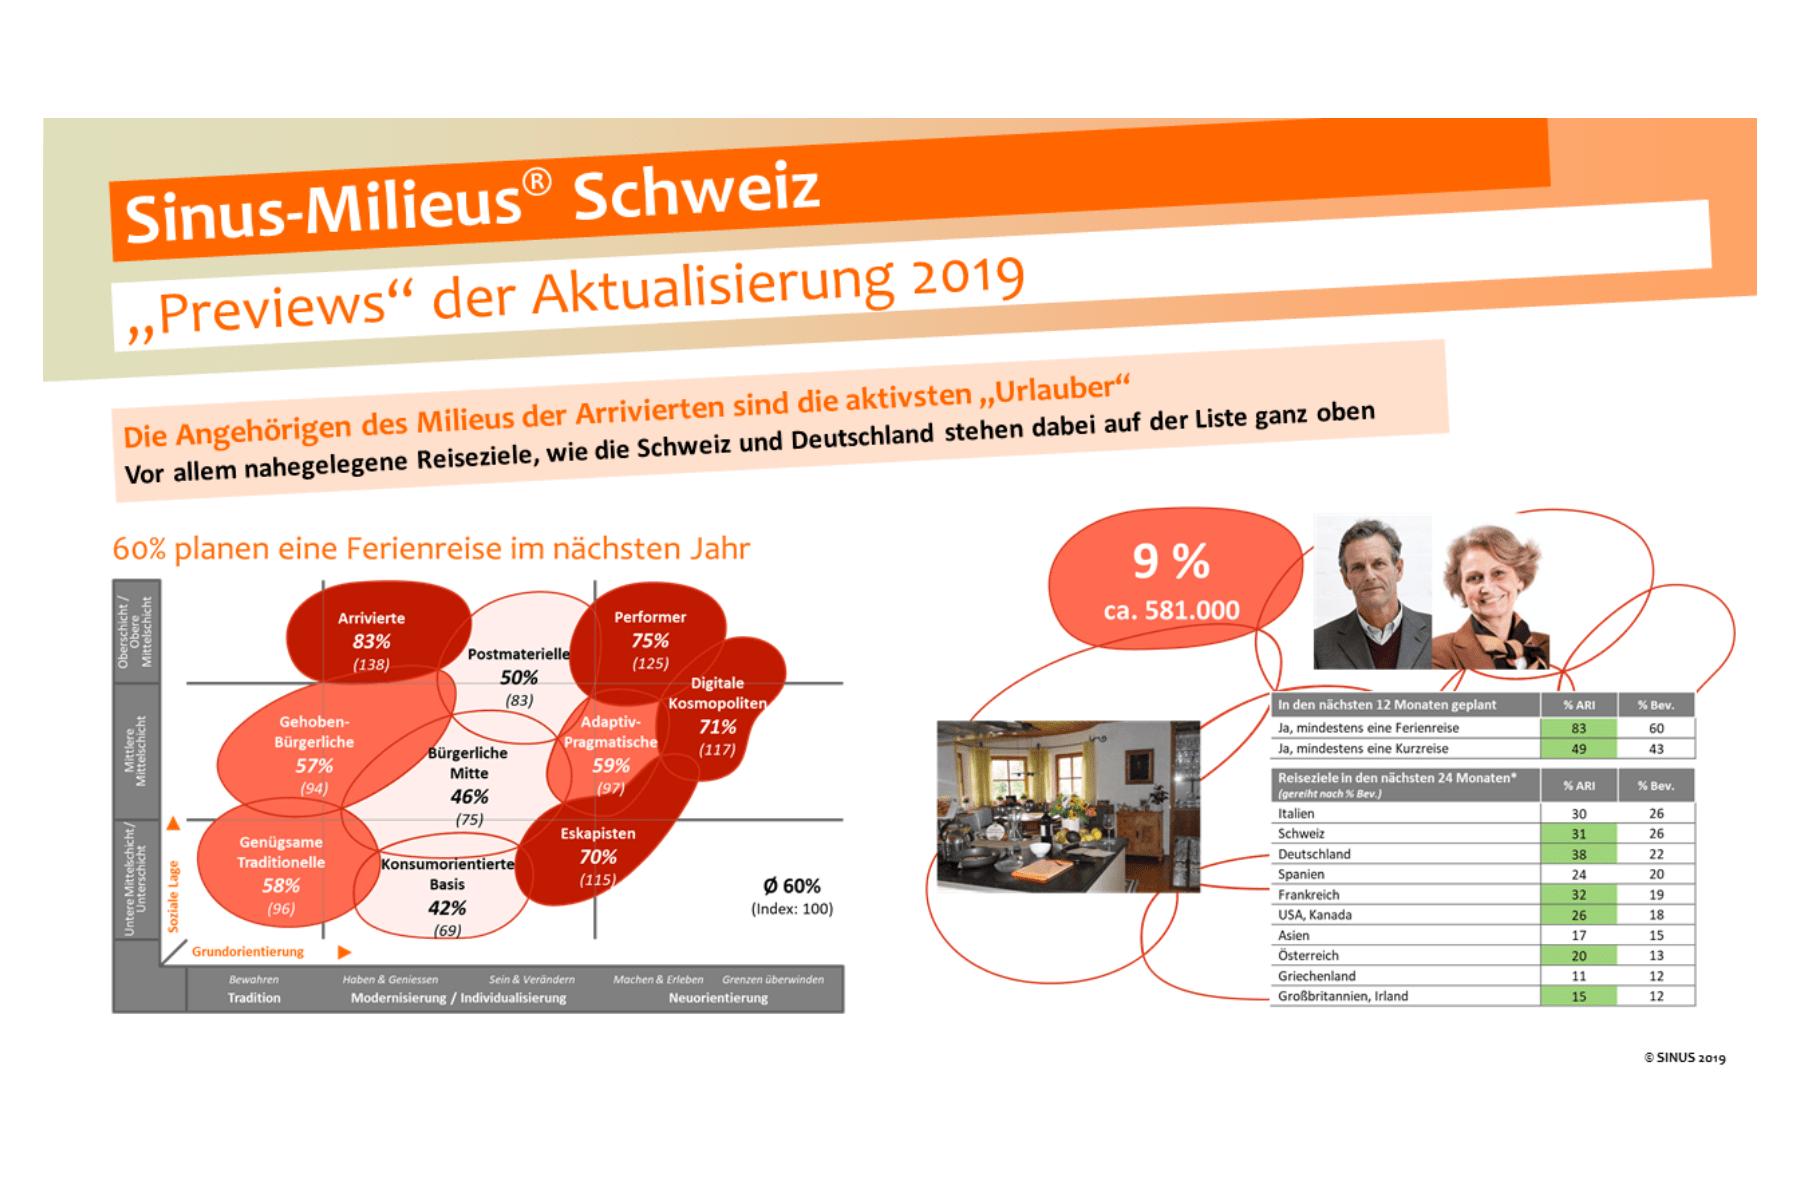 """Neues Infopaket """"Sinus-Milieus Schweiz 2019"""""""